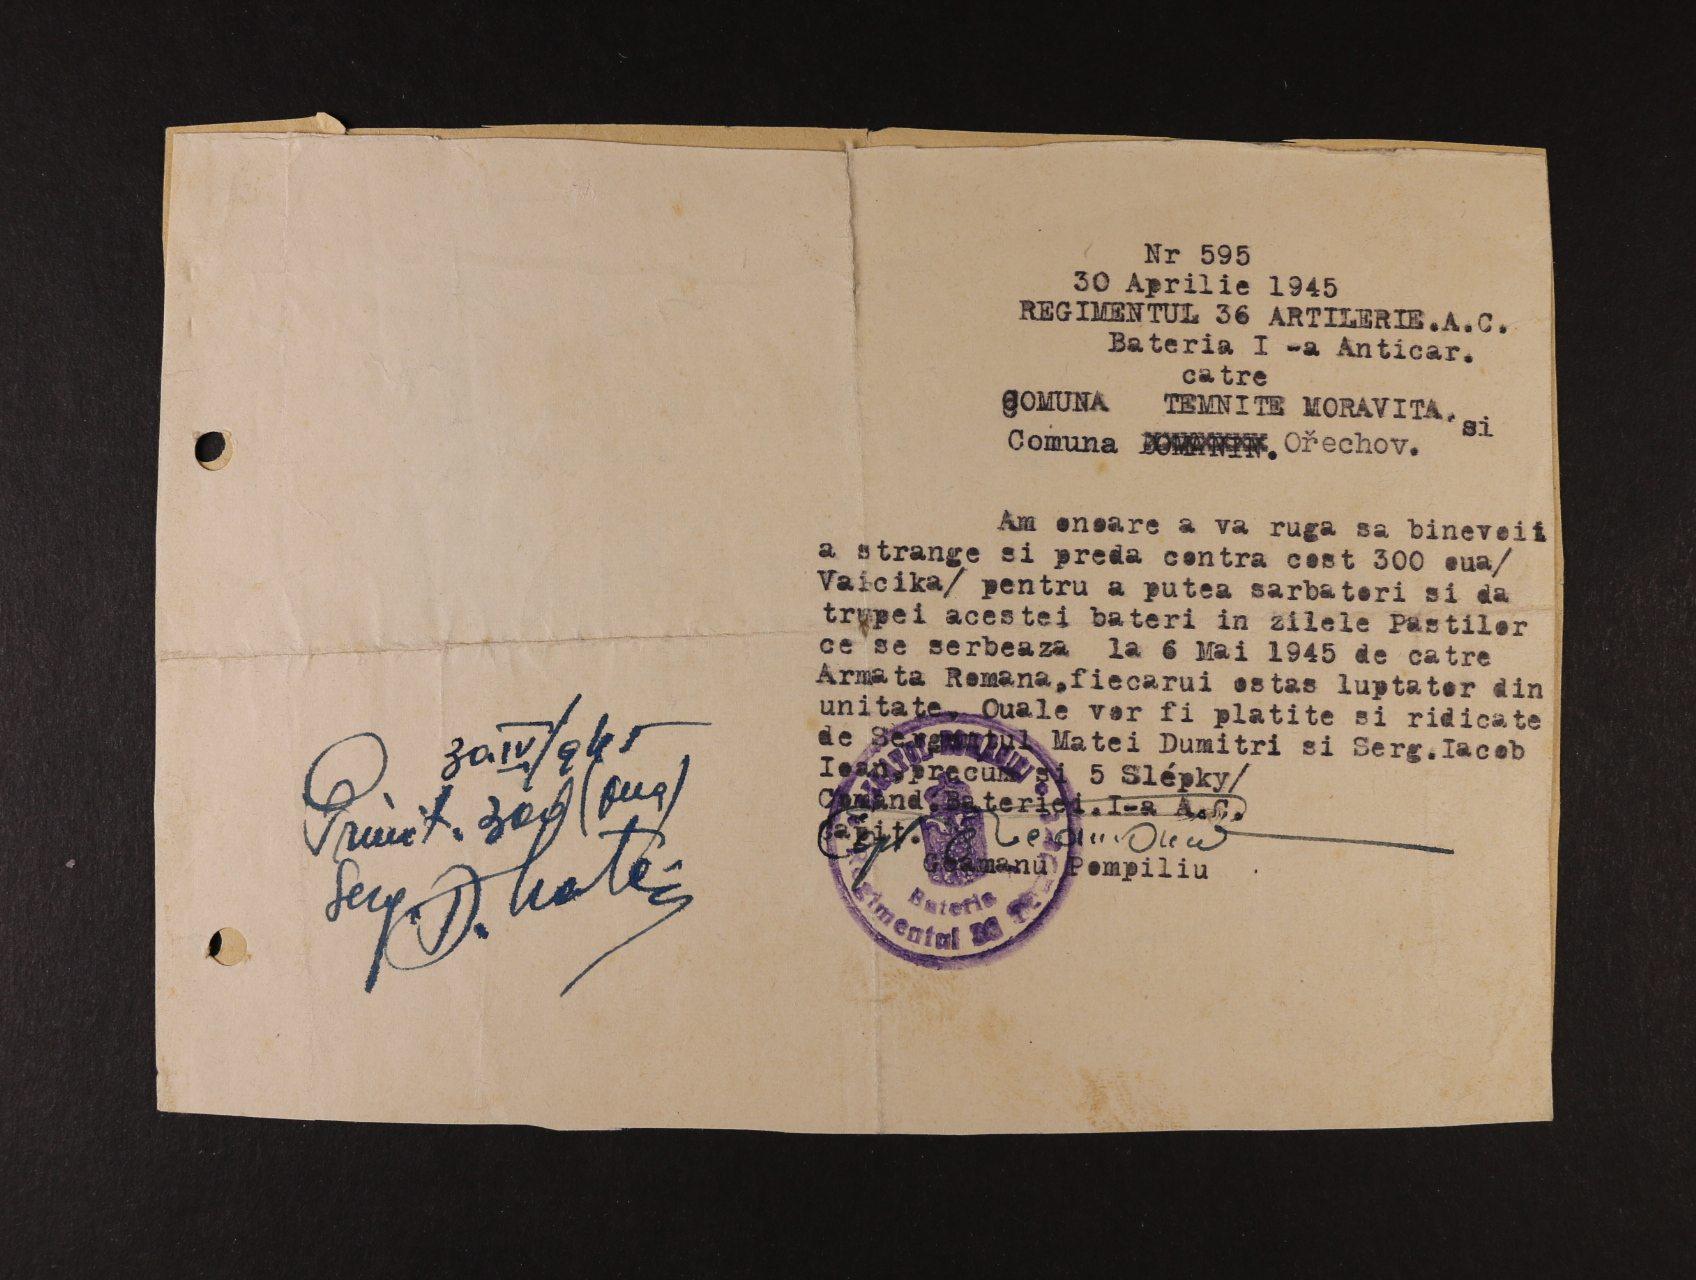 Rumunské jednotky - žádost 1. protitankové baterie 36. pěchotního pluku na obecní úřad Ořechov u Brna ze dne 30.4.45 o poskytnutí 300 ks vajec  na oslavu Velikonoc a příloha s potvrzením, že uvedený počet vajec a 5 slepic vyzvednou a zaplatí Četař Matei Dumitri a četař Iacob Ioan, útvar. raz., zajímavé